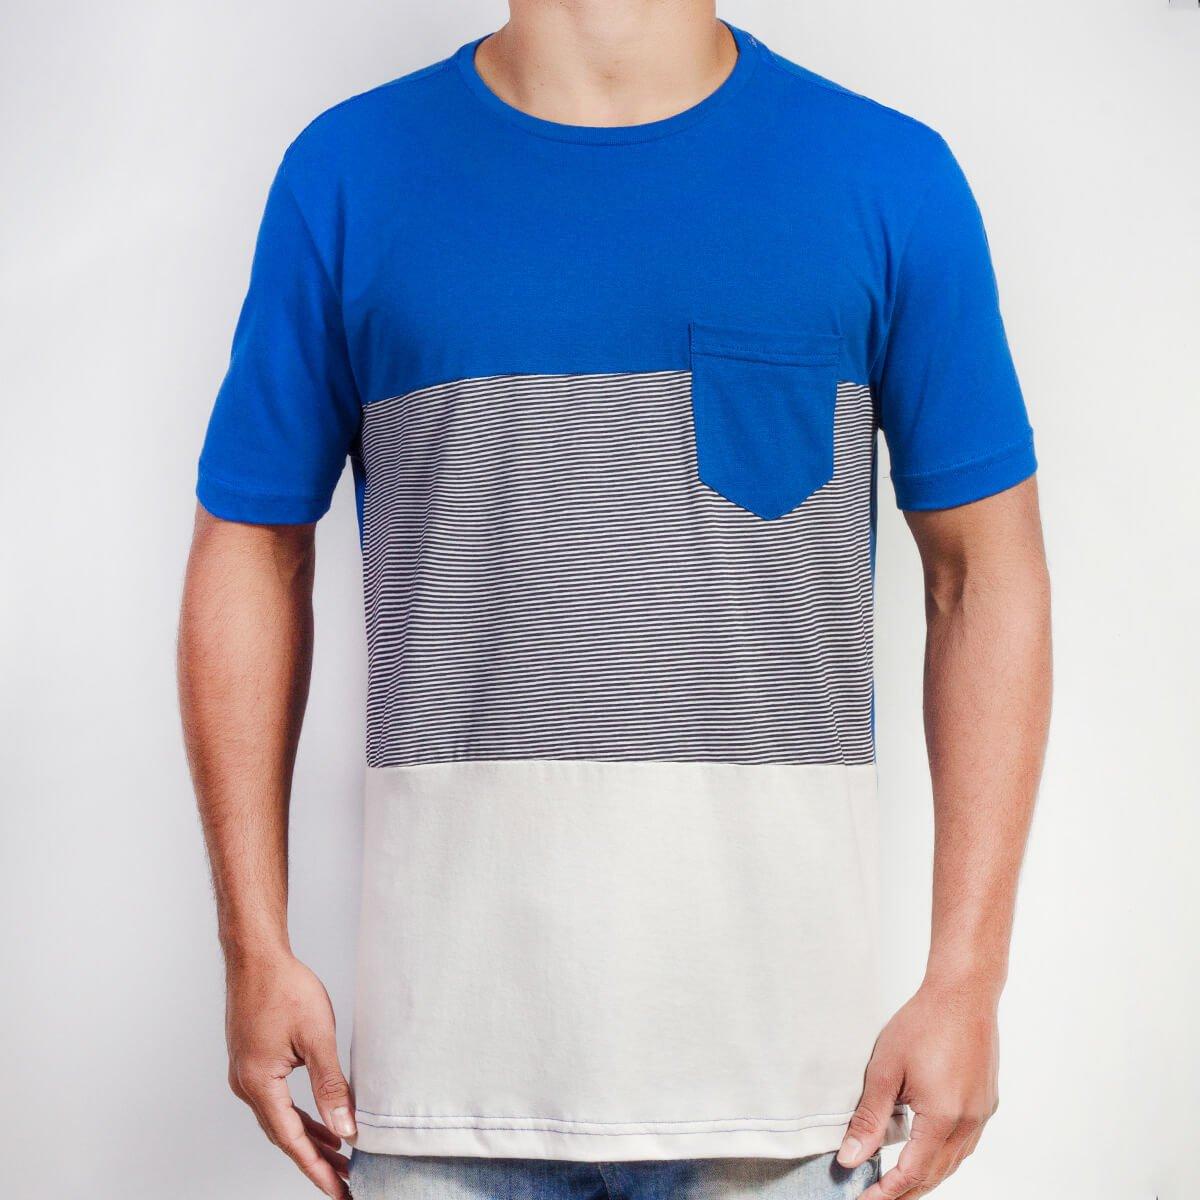 Azul/Preto/Off White